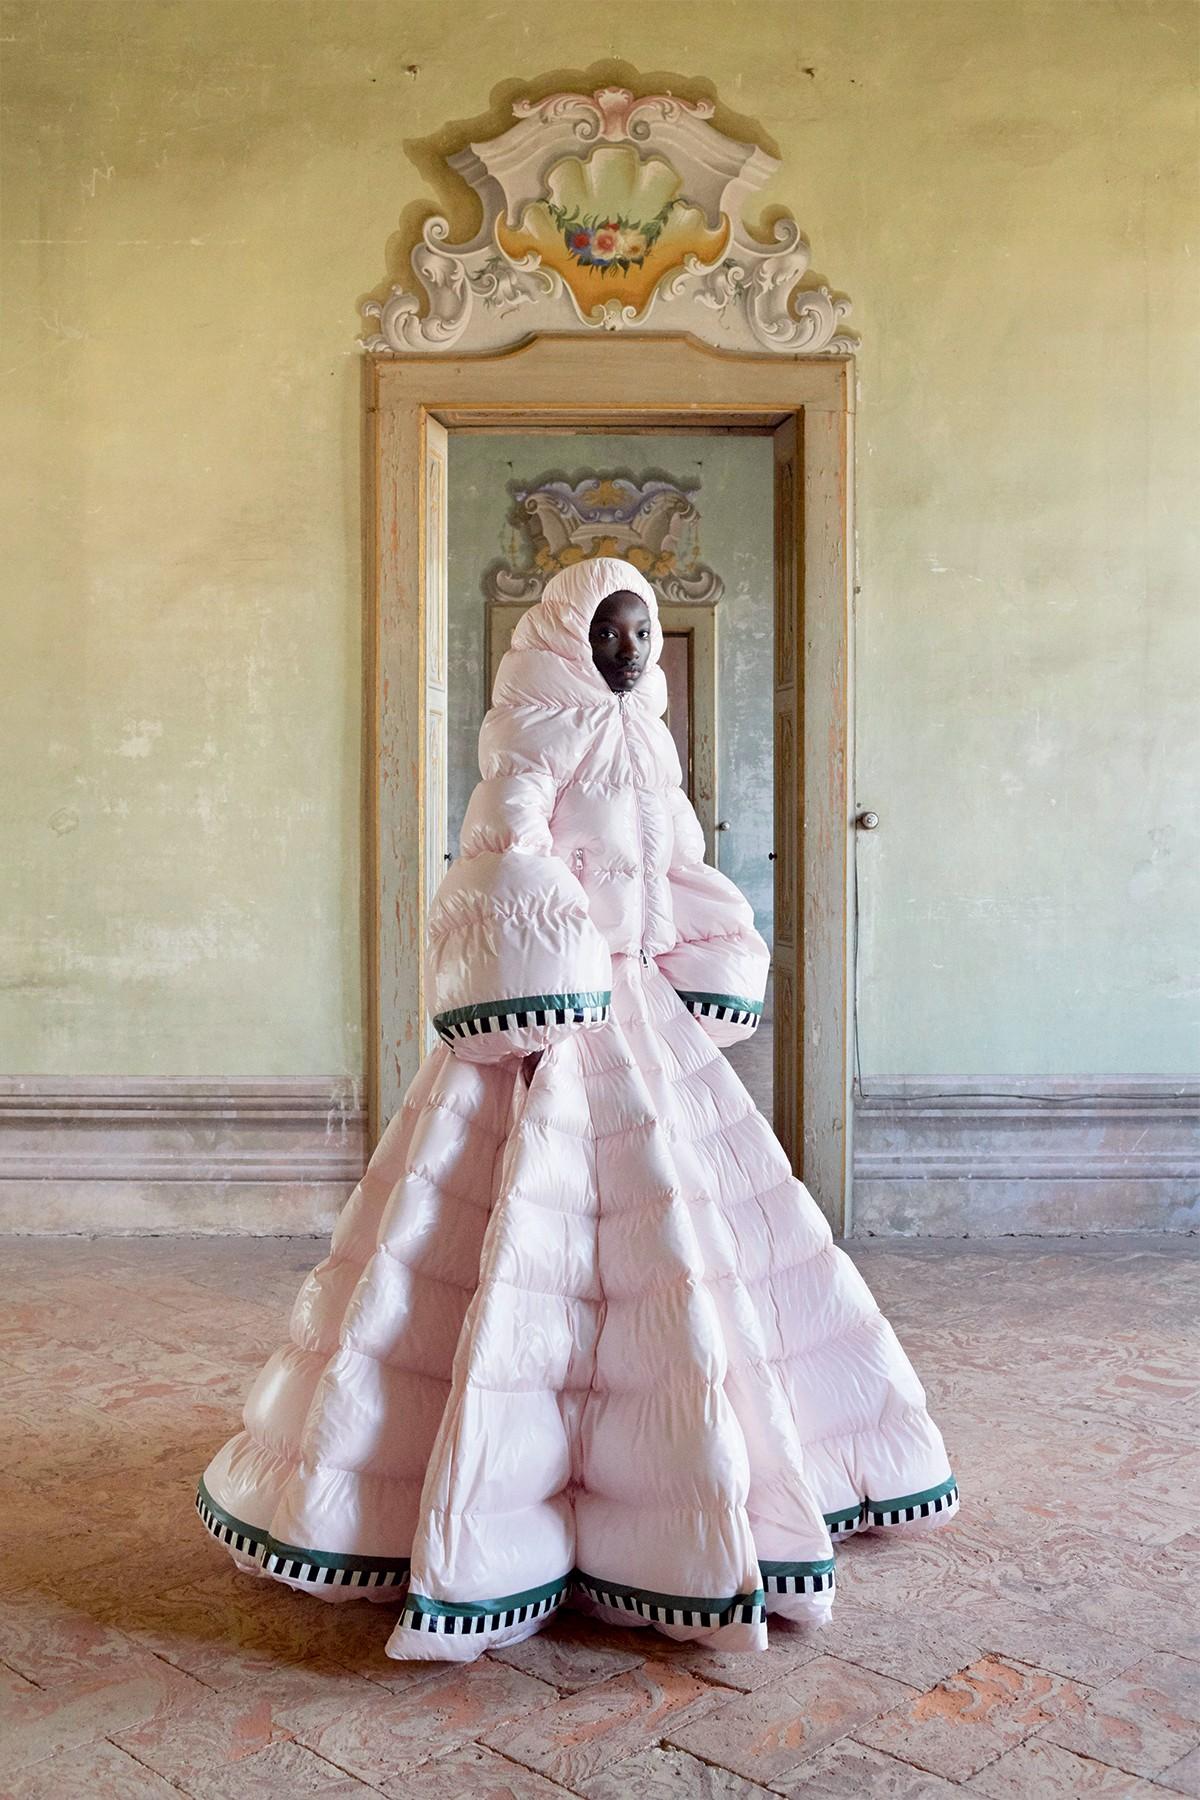 Coluna Maria Rita -à frente da moncler e valentino, pierpaolo piccioli convocou castings de maioria negra para apresentações recentes (Foto: Divulgação)